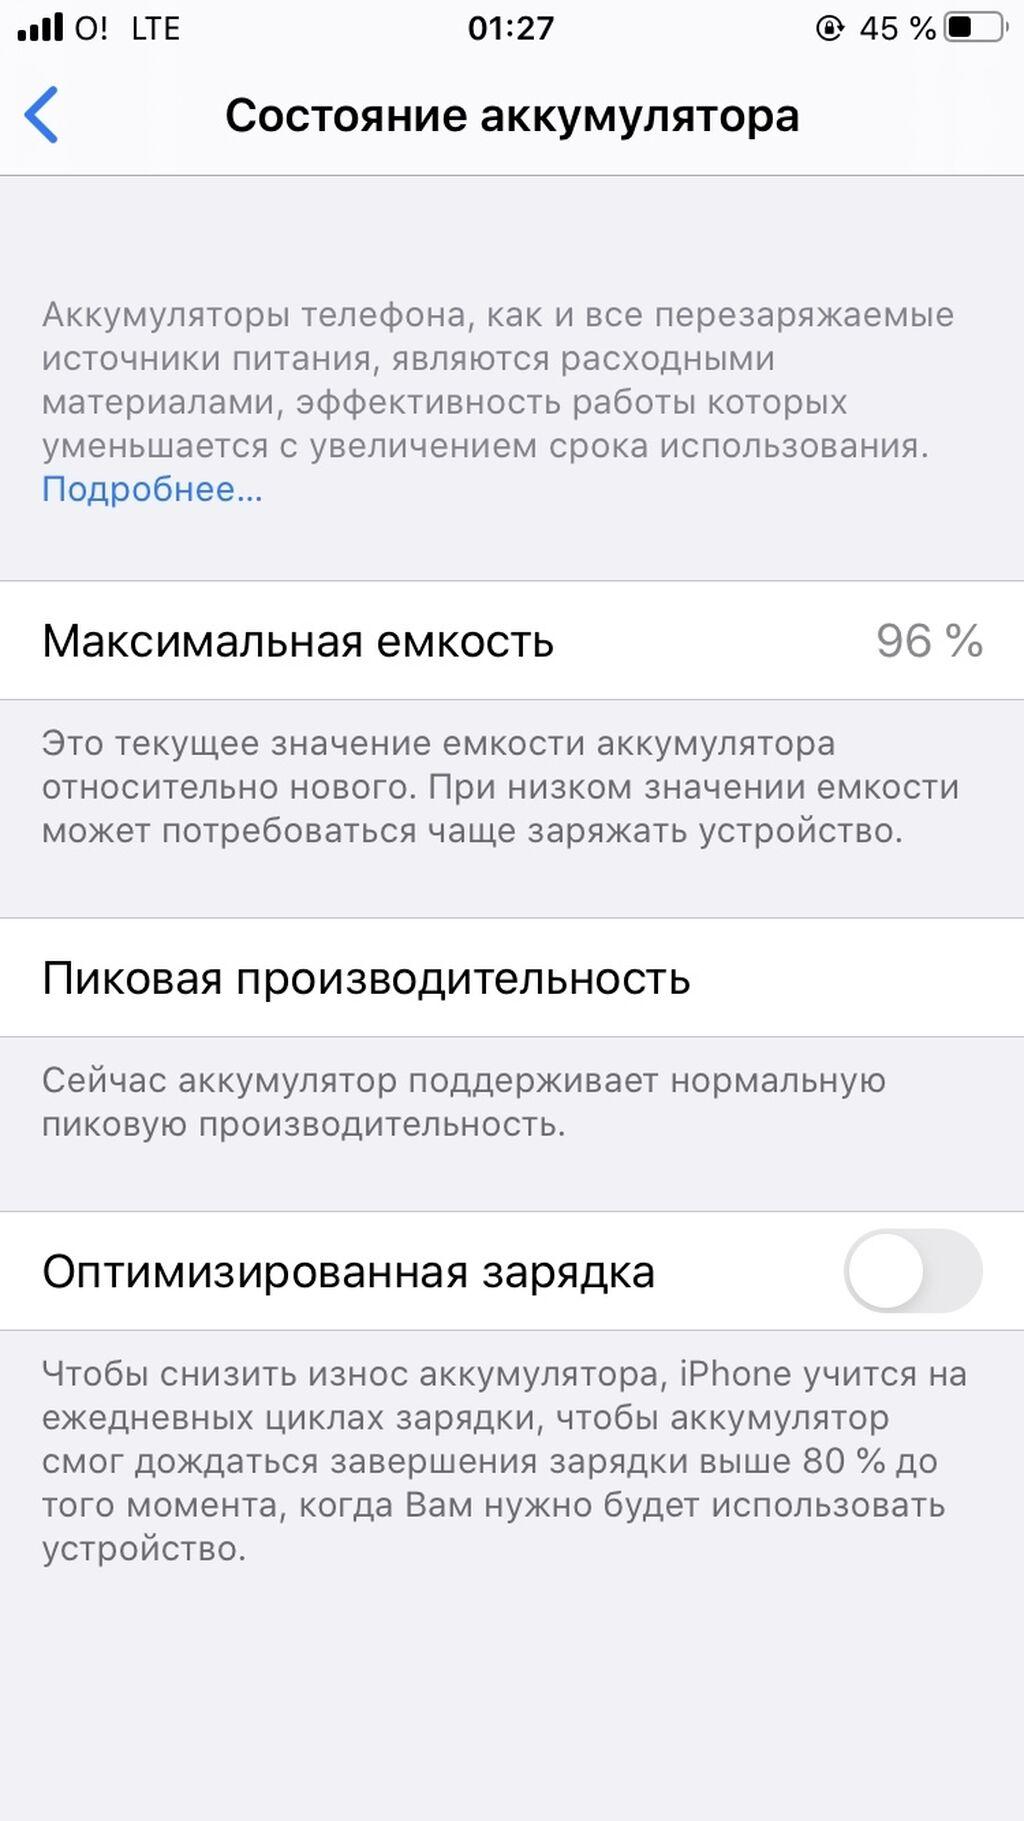 Новый iPhone 7 32 ГБ Черный (Jet Black): Новый iPhone 7 32 ГБ Черный (Jet Black)